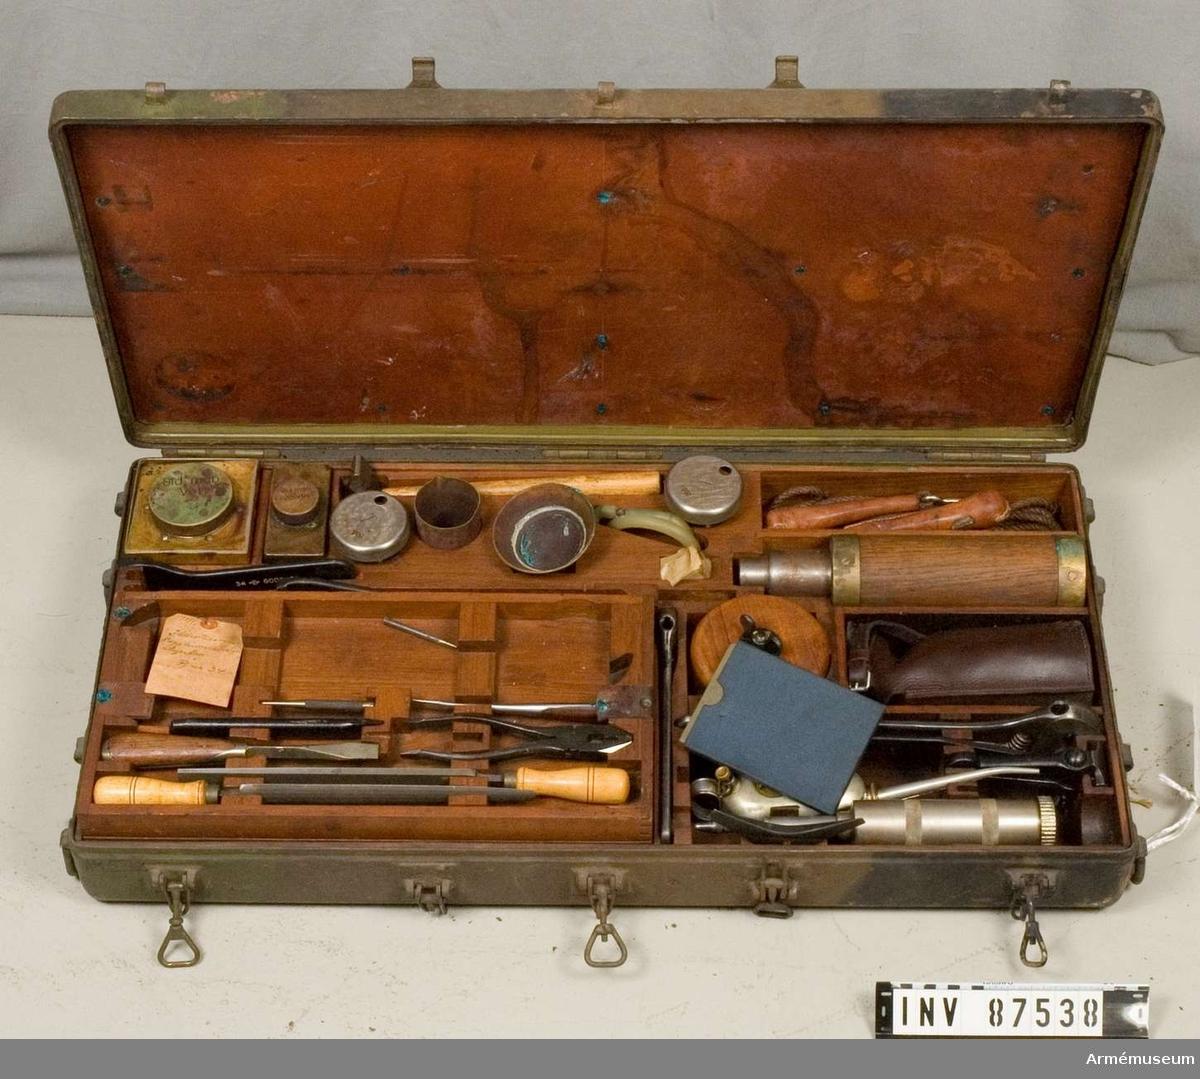 Tillbehörslåda B. Till 8 cm luftvärnskanon m/1940 H, nr 34. Vkt, packningar, linor m.m.